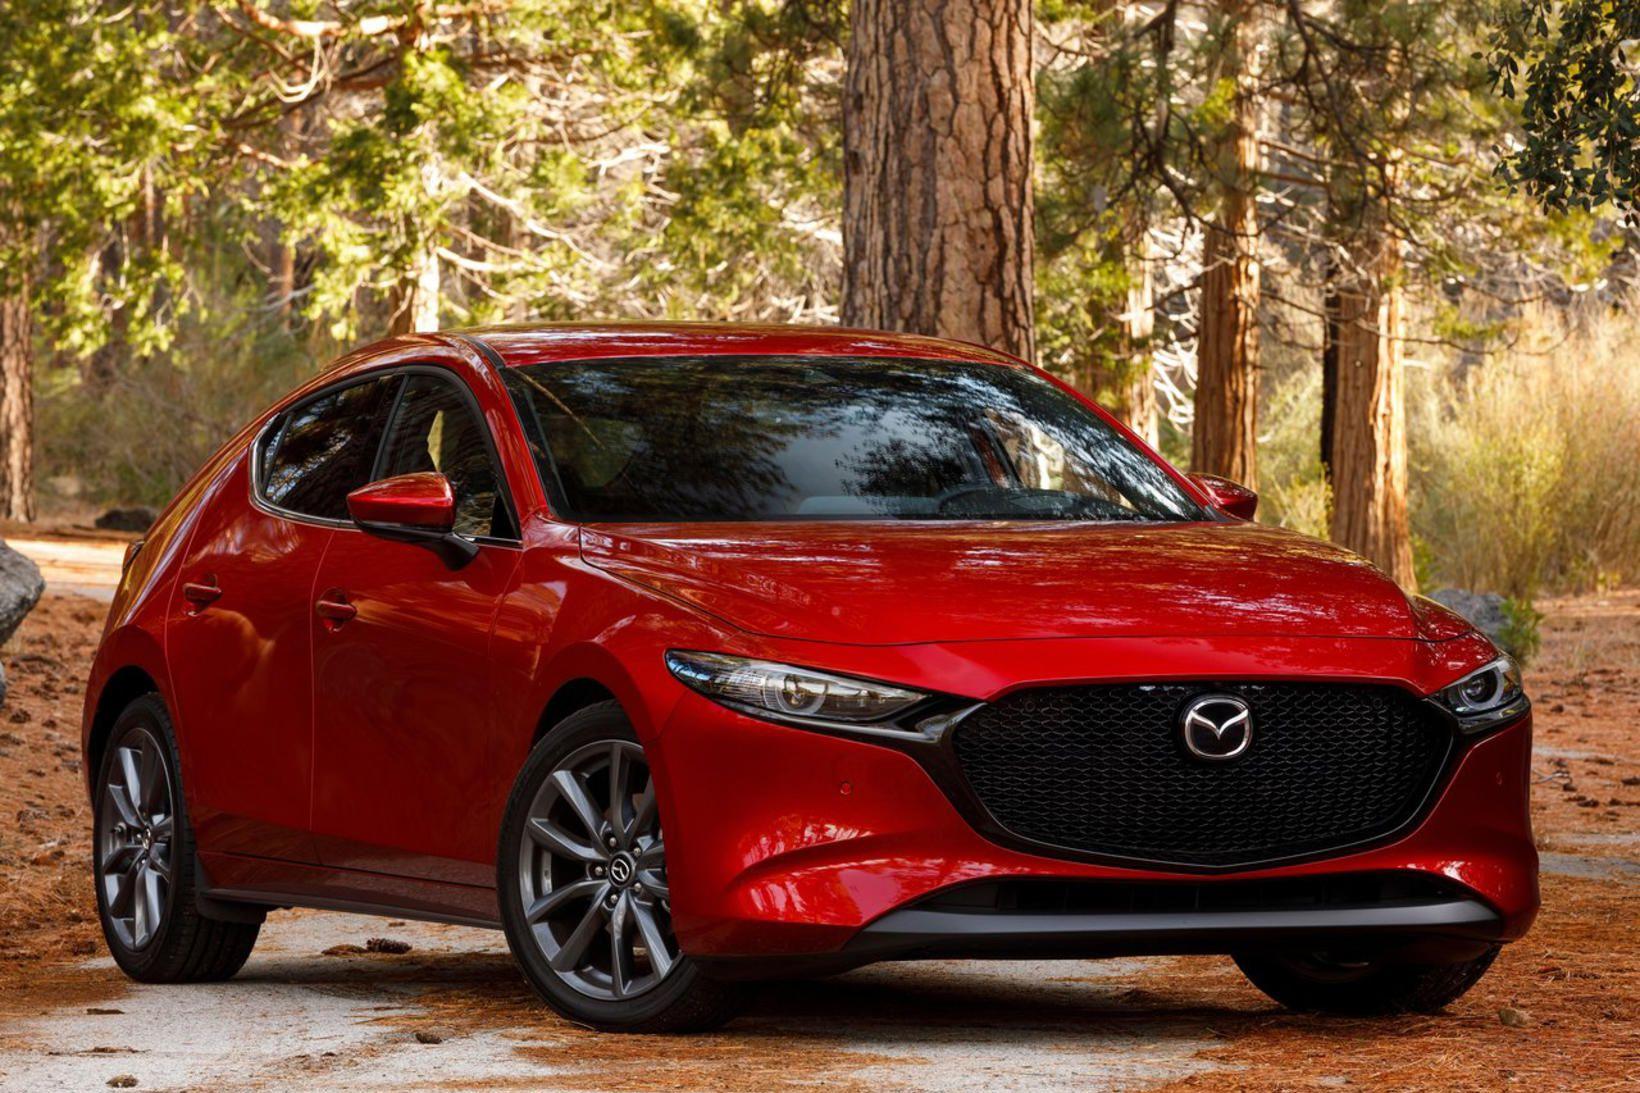 Mazda 3 keppir um titilinn bílhönnun ársins auk titilsins heimsbíll …